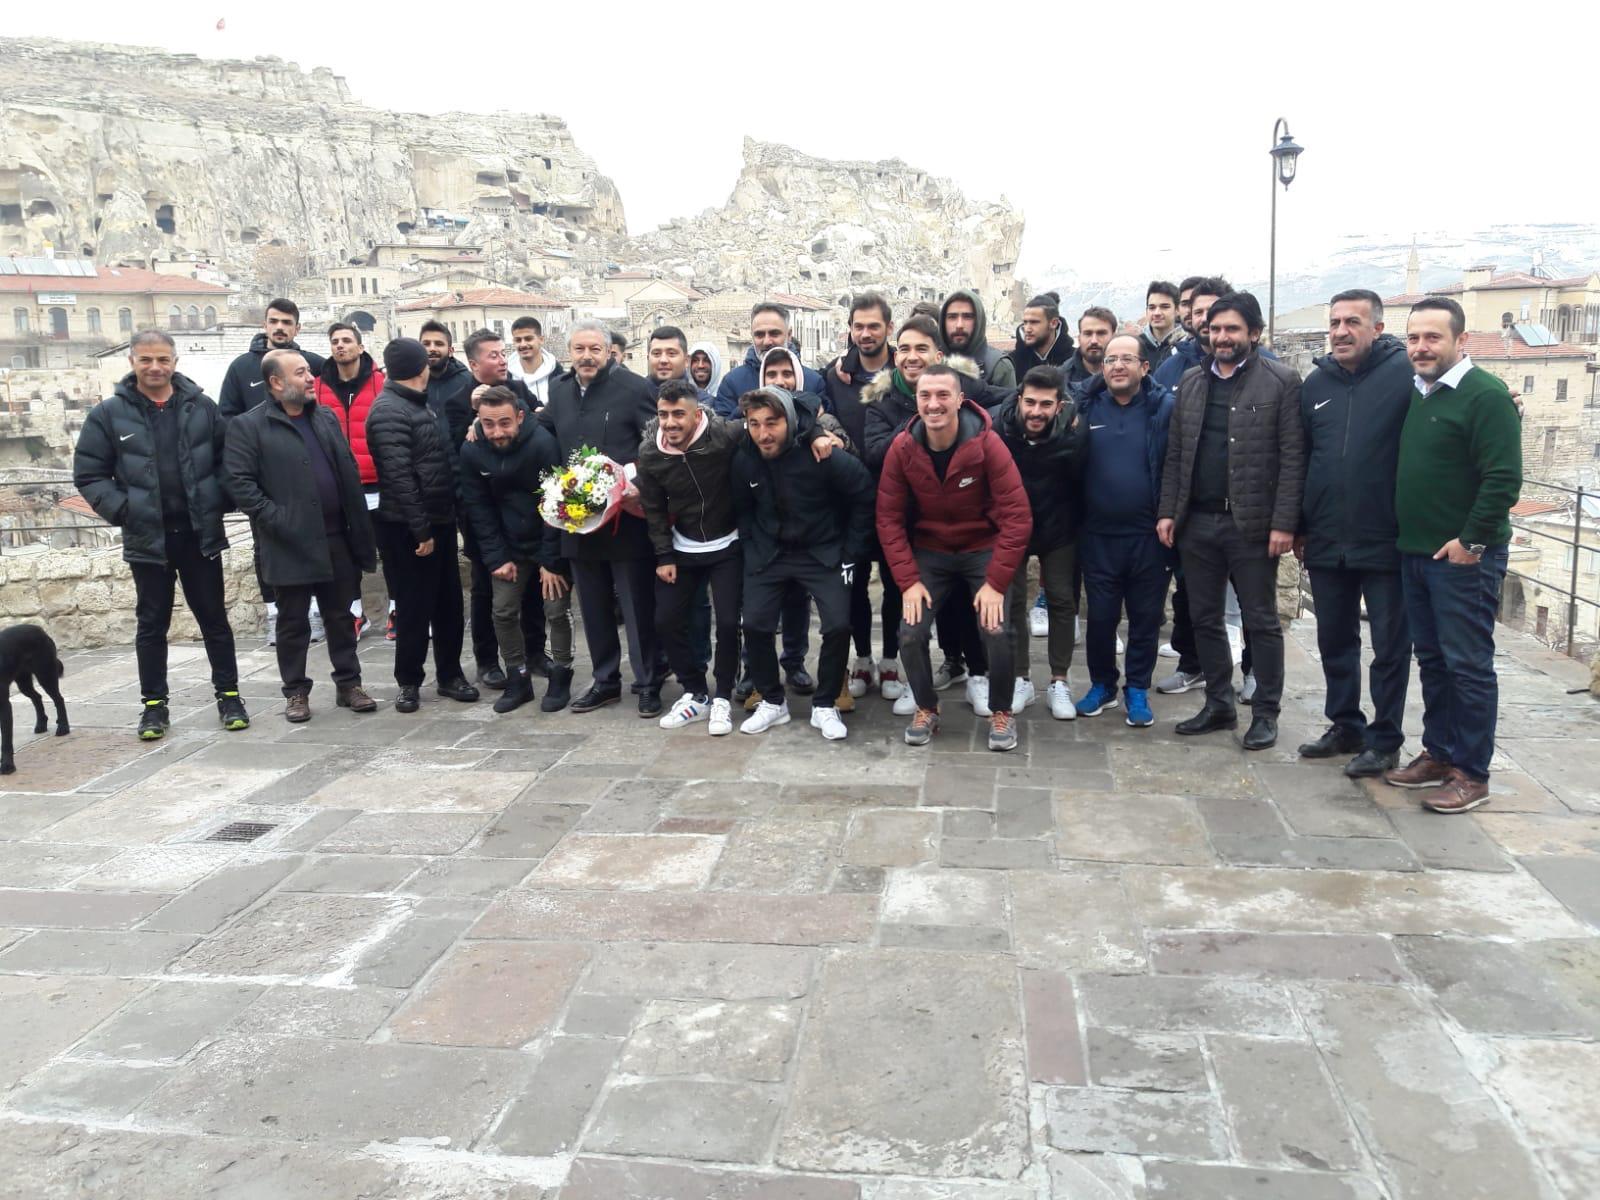 Nevşehir Belediyespor Futbolcuları Ürgüp'te Kahvaltı Yaptı